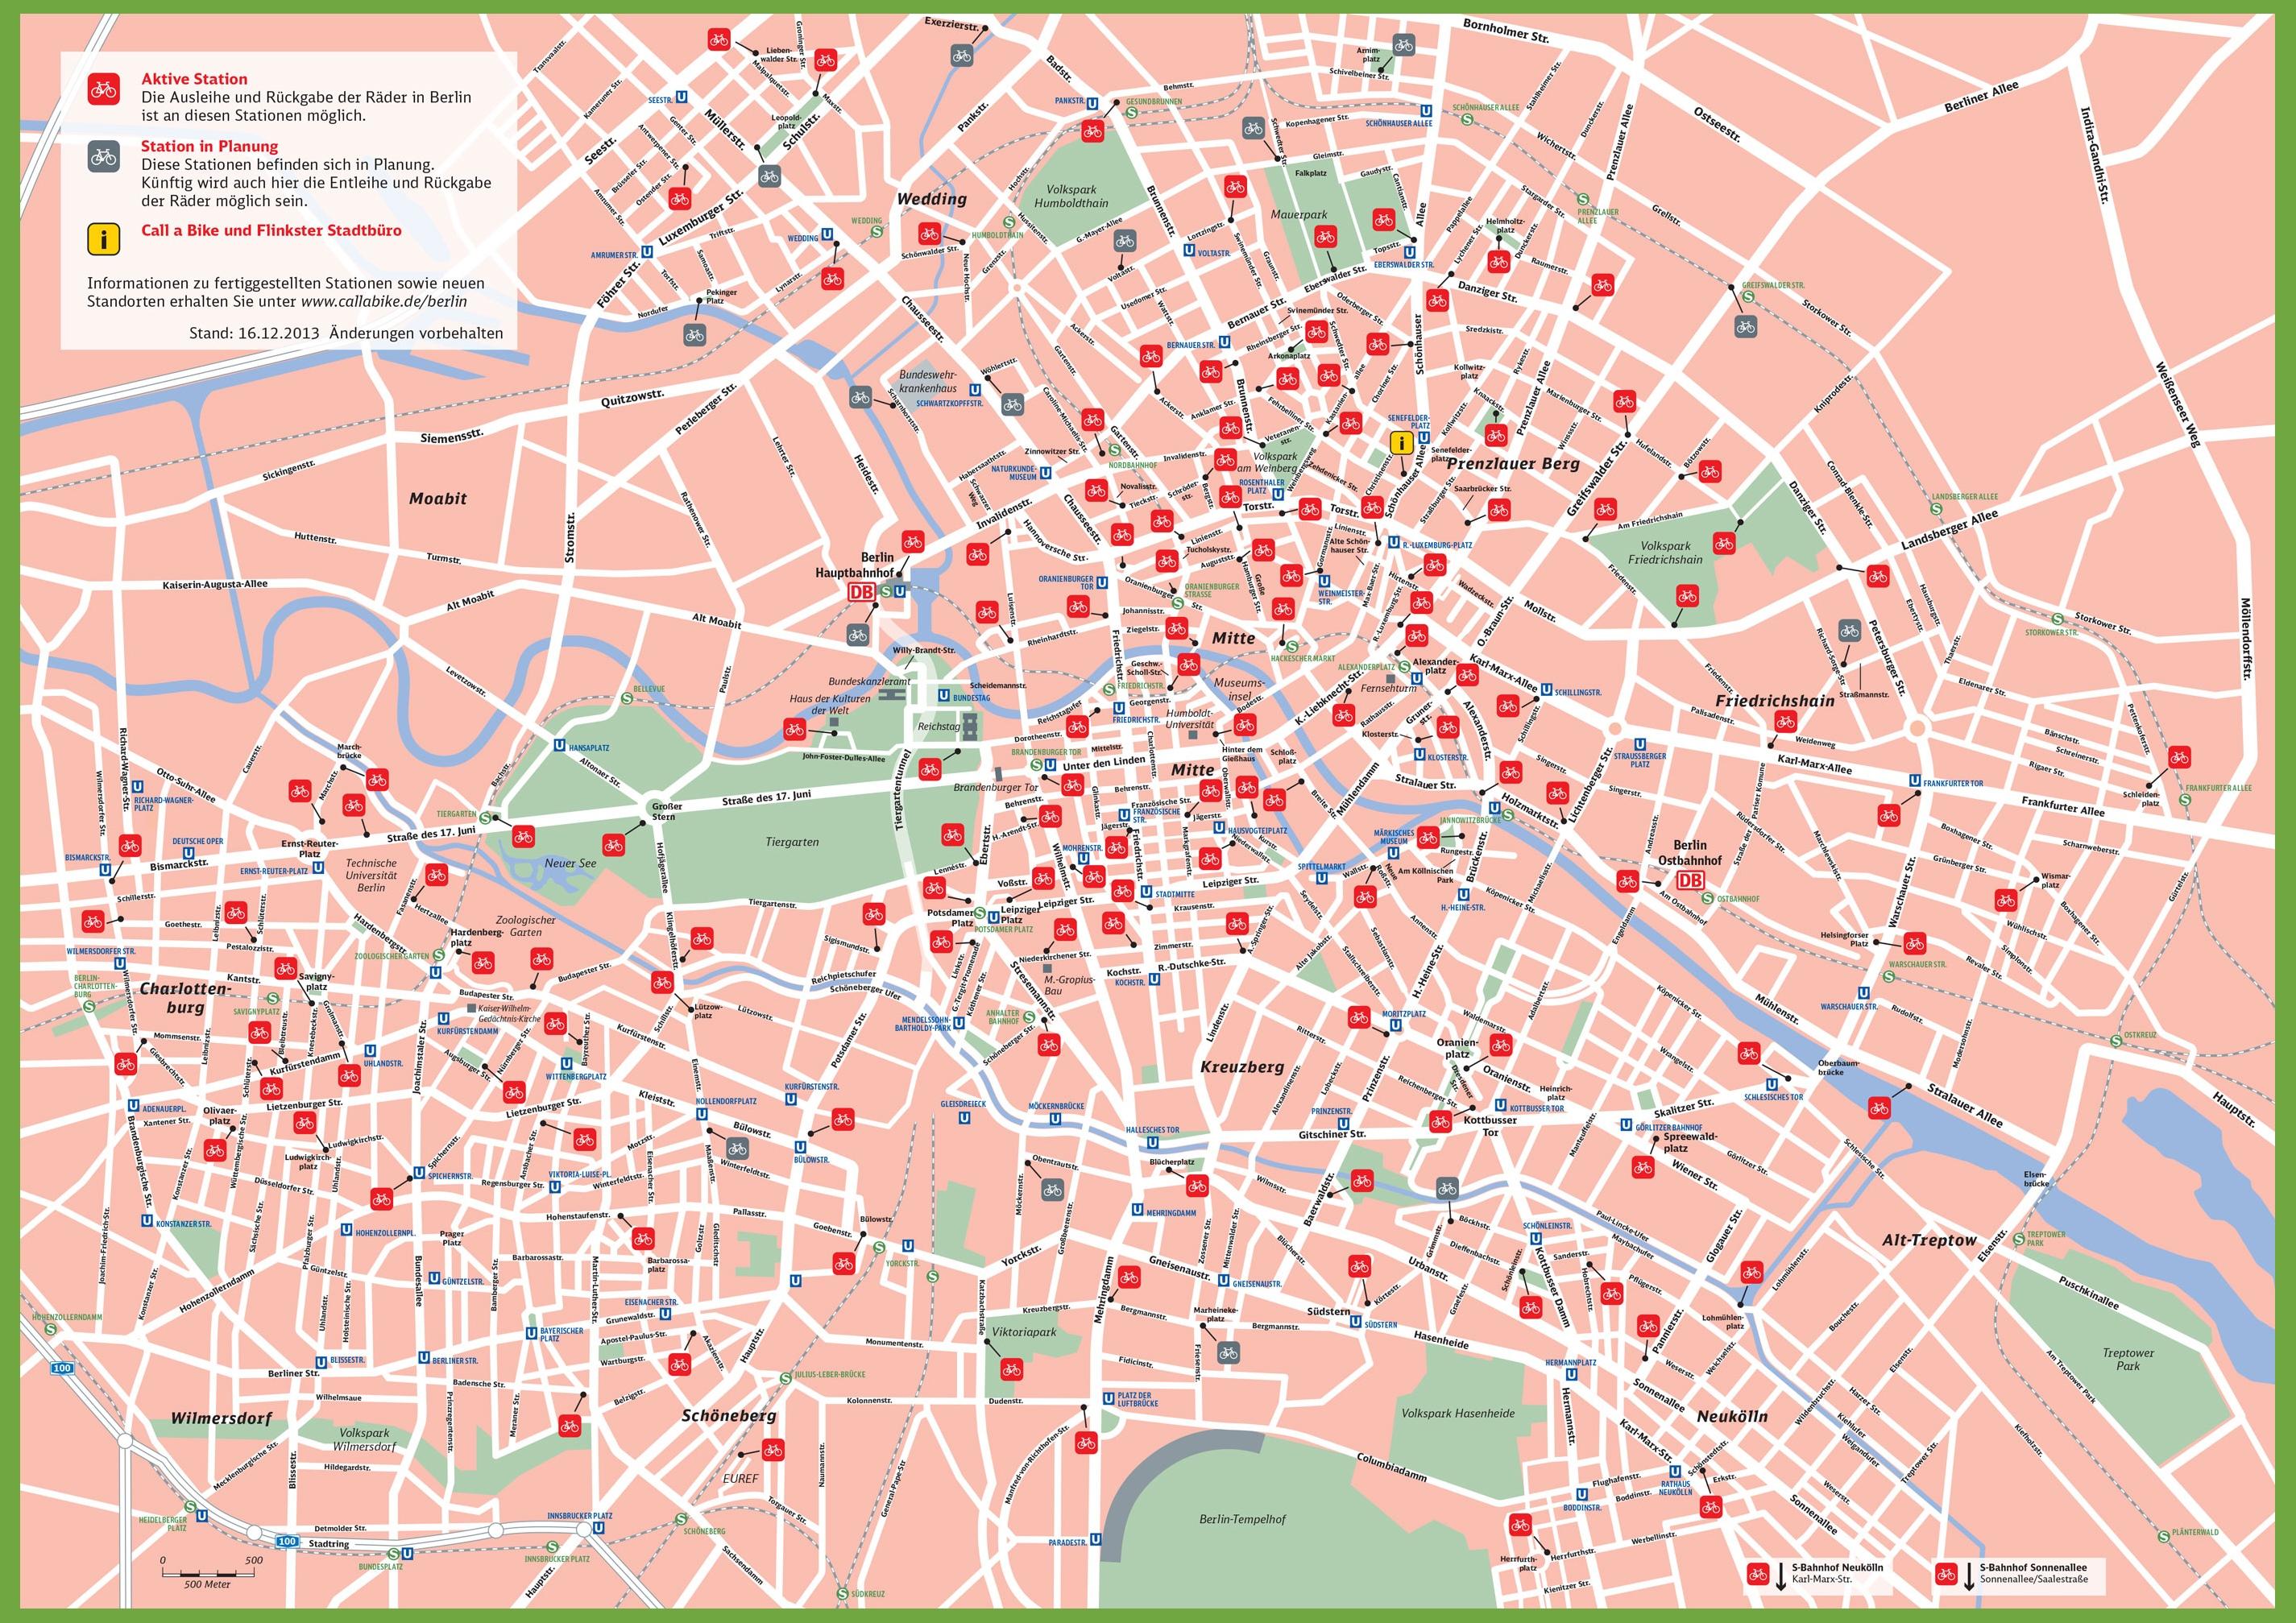 Berlin Rental Bike Map - Berlin on world map